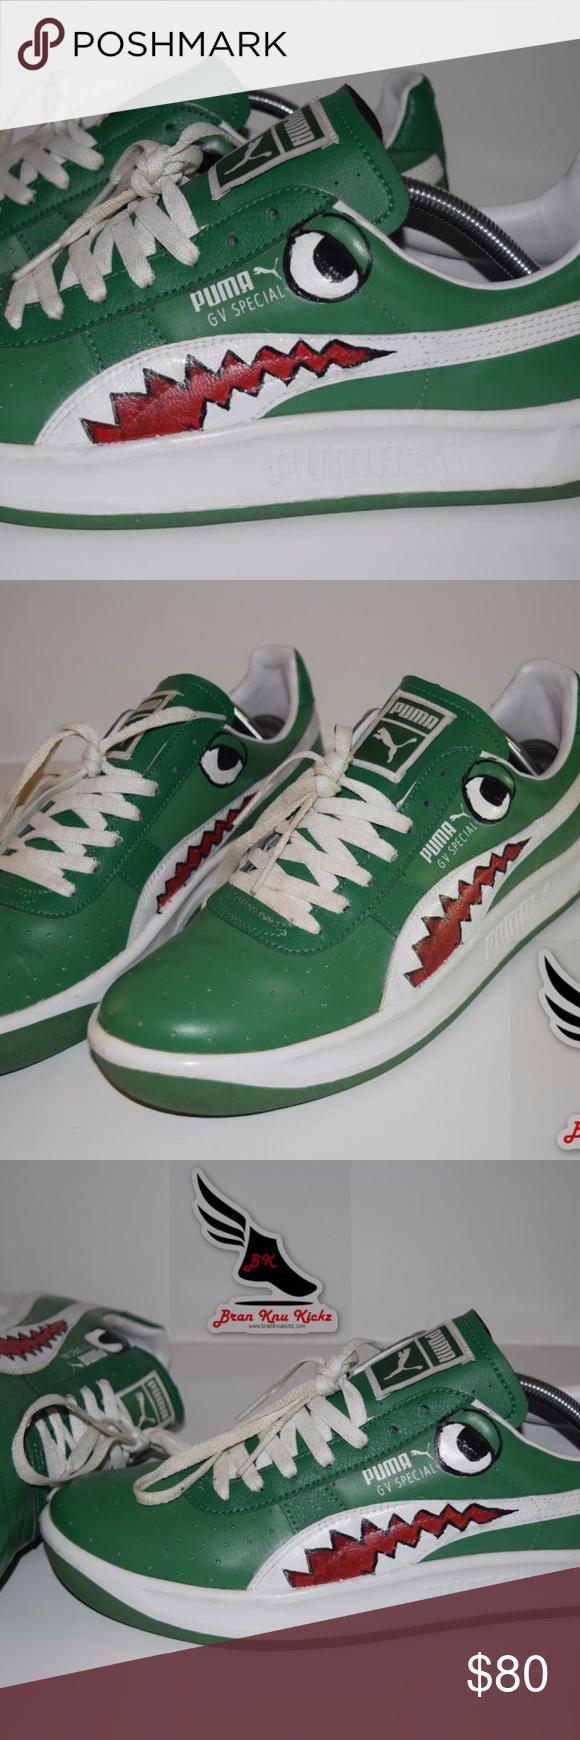 nouveau concept b24d9 450f4 Custom Puma Gv Special Puma Gv Special Puma Shoes Sneakers ...